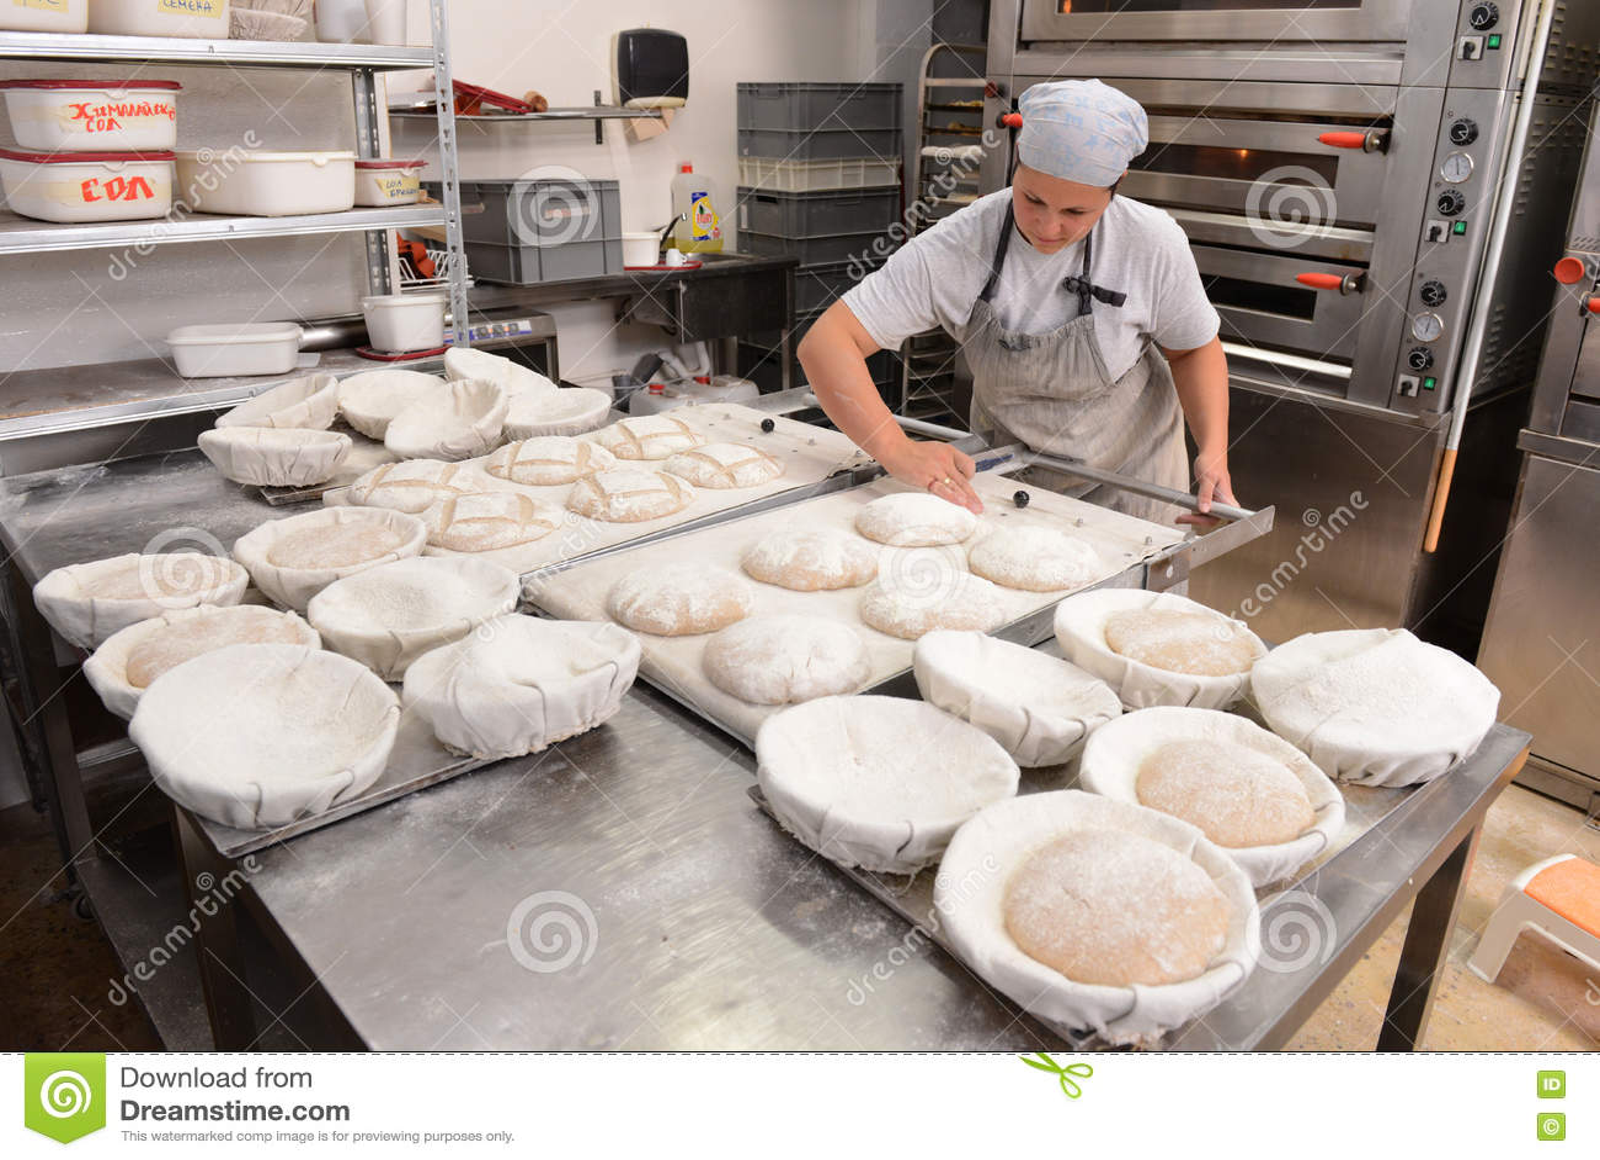 Αρτοποιοί που κατασκευάζουν τις χειροποίητες φραντζόλες του ψωμιού σε ένα οικογενειακό αρτοποιείο που διαμορφώνει τη ζύμη στις μο